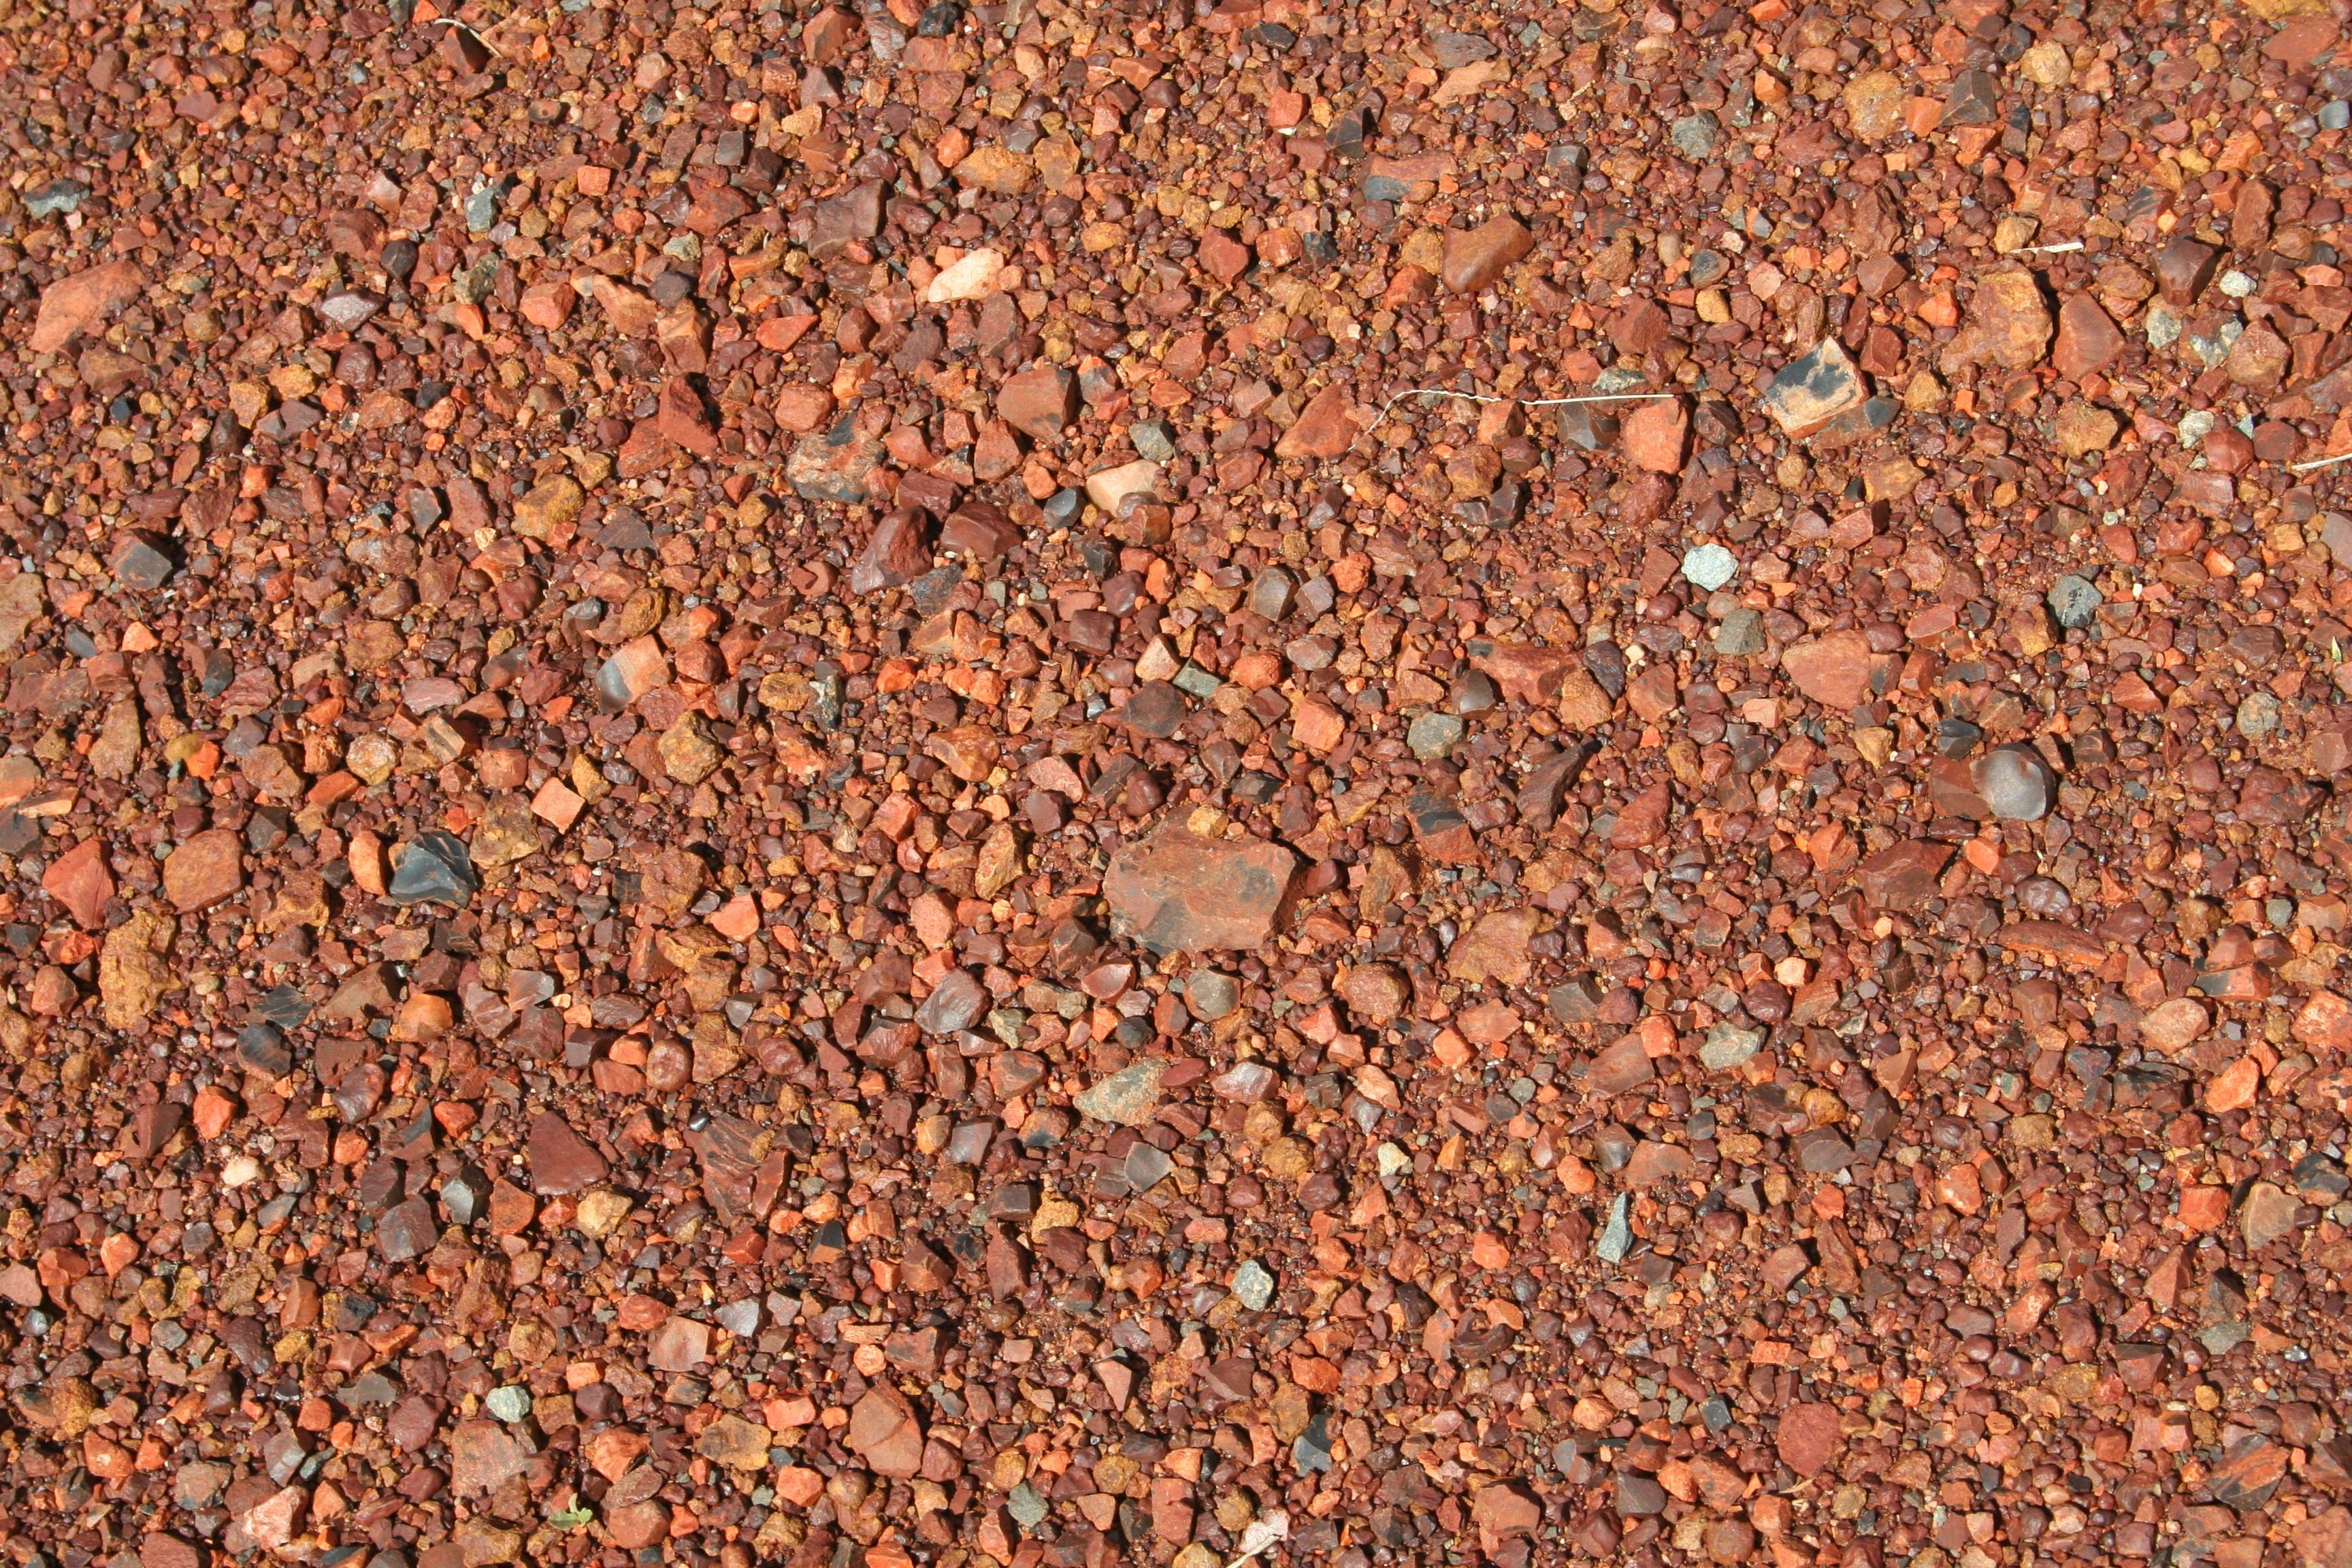 무료 이미지 조직 사막 돌 아스팔트 무늬 빨간 더러운 흙 자료 오스트레일리아 바위